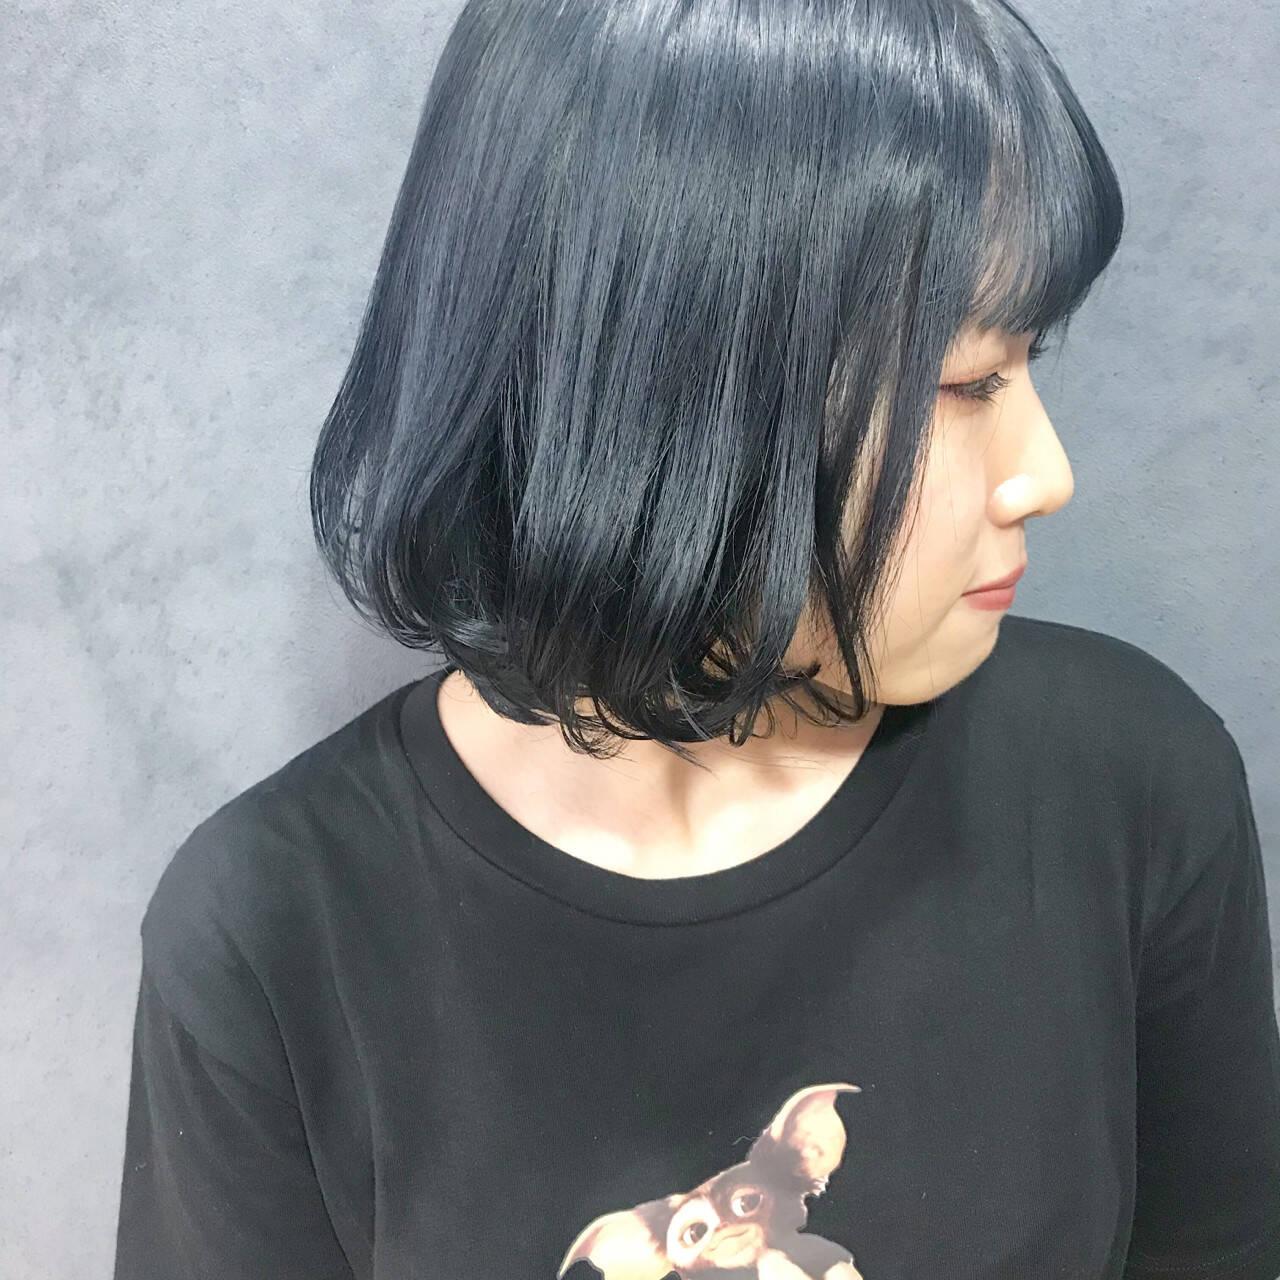 ダークカラー ネイビーカラー ネイビーブルー 暗髪ヘアスタイルや髪型の写真・画像